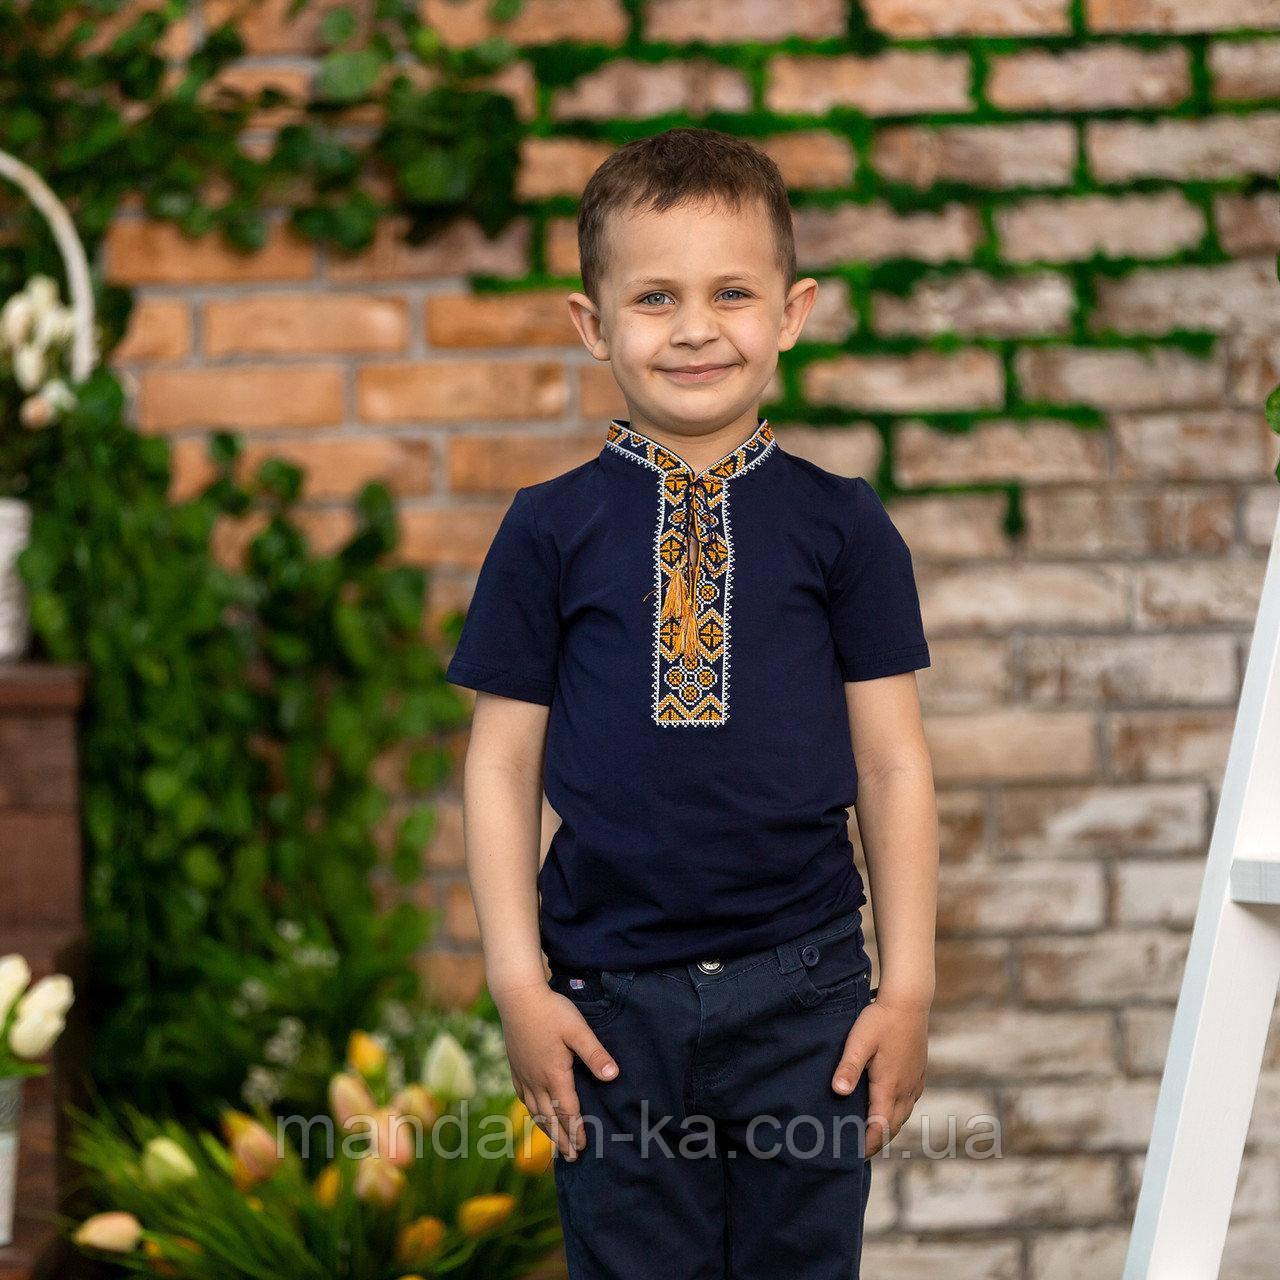 Вышиванка   футболка  синяя  для мальчика золотые ромбы